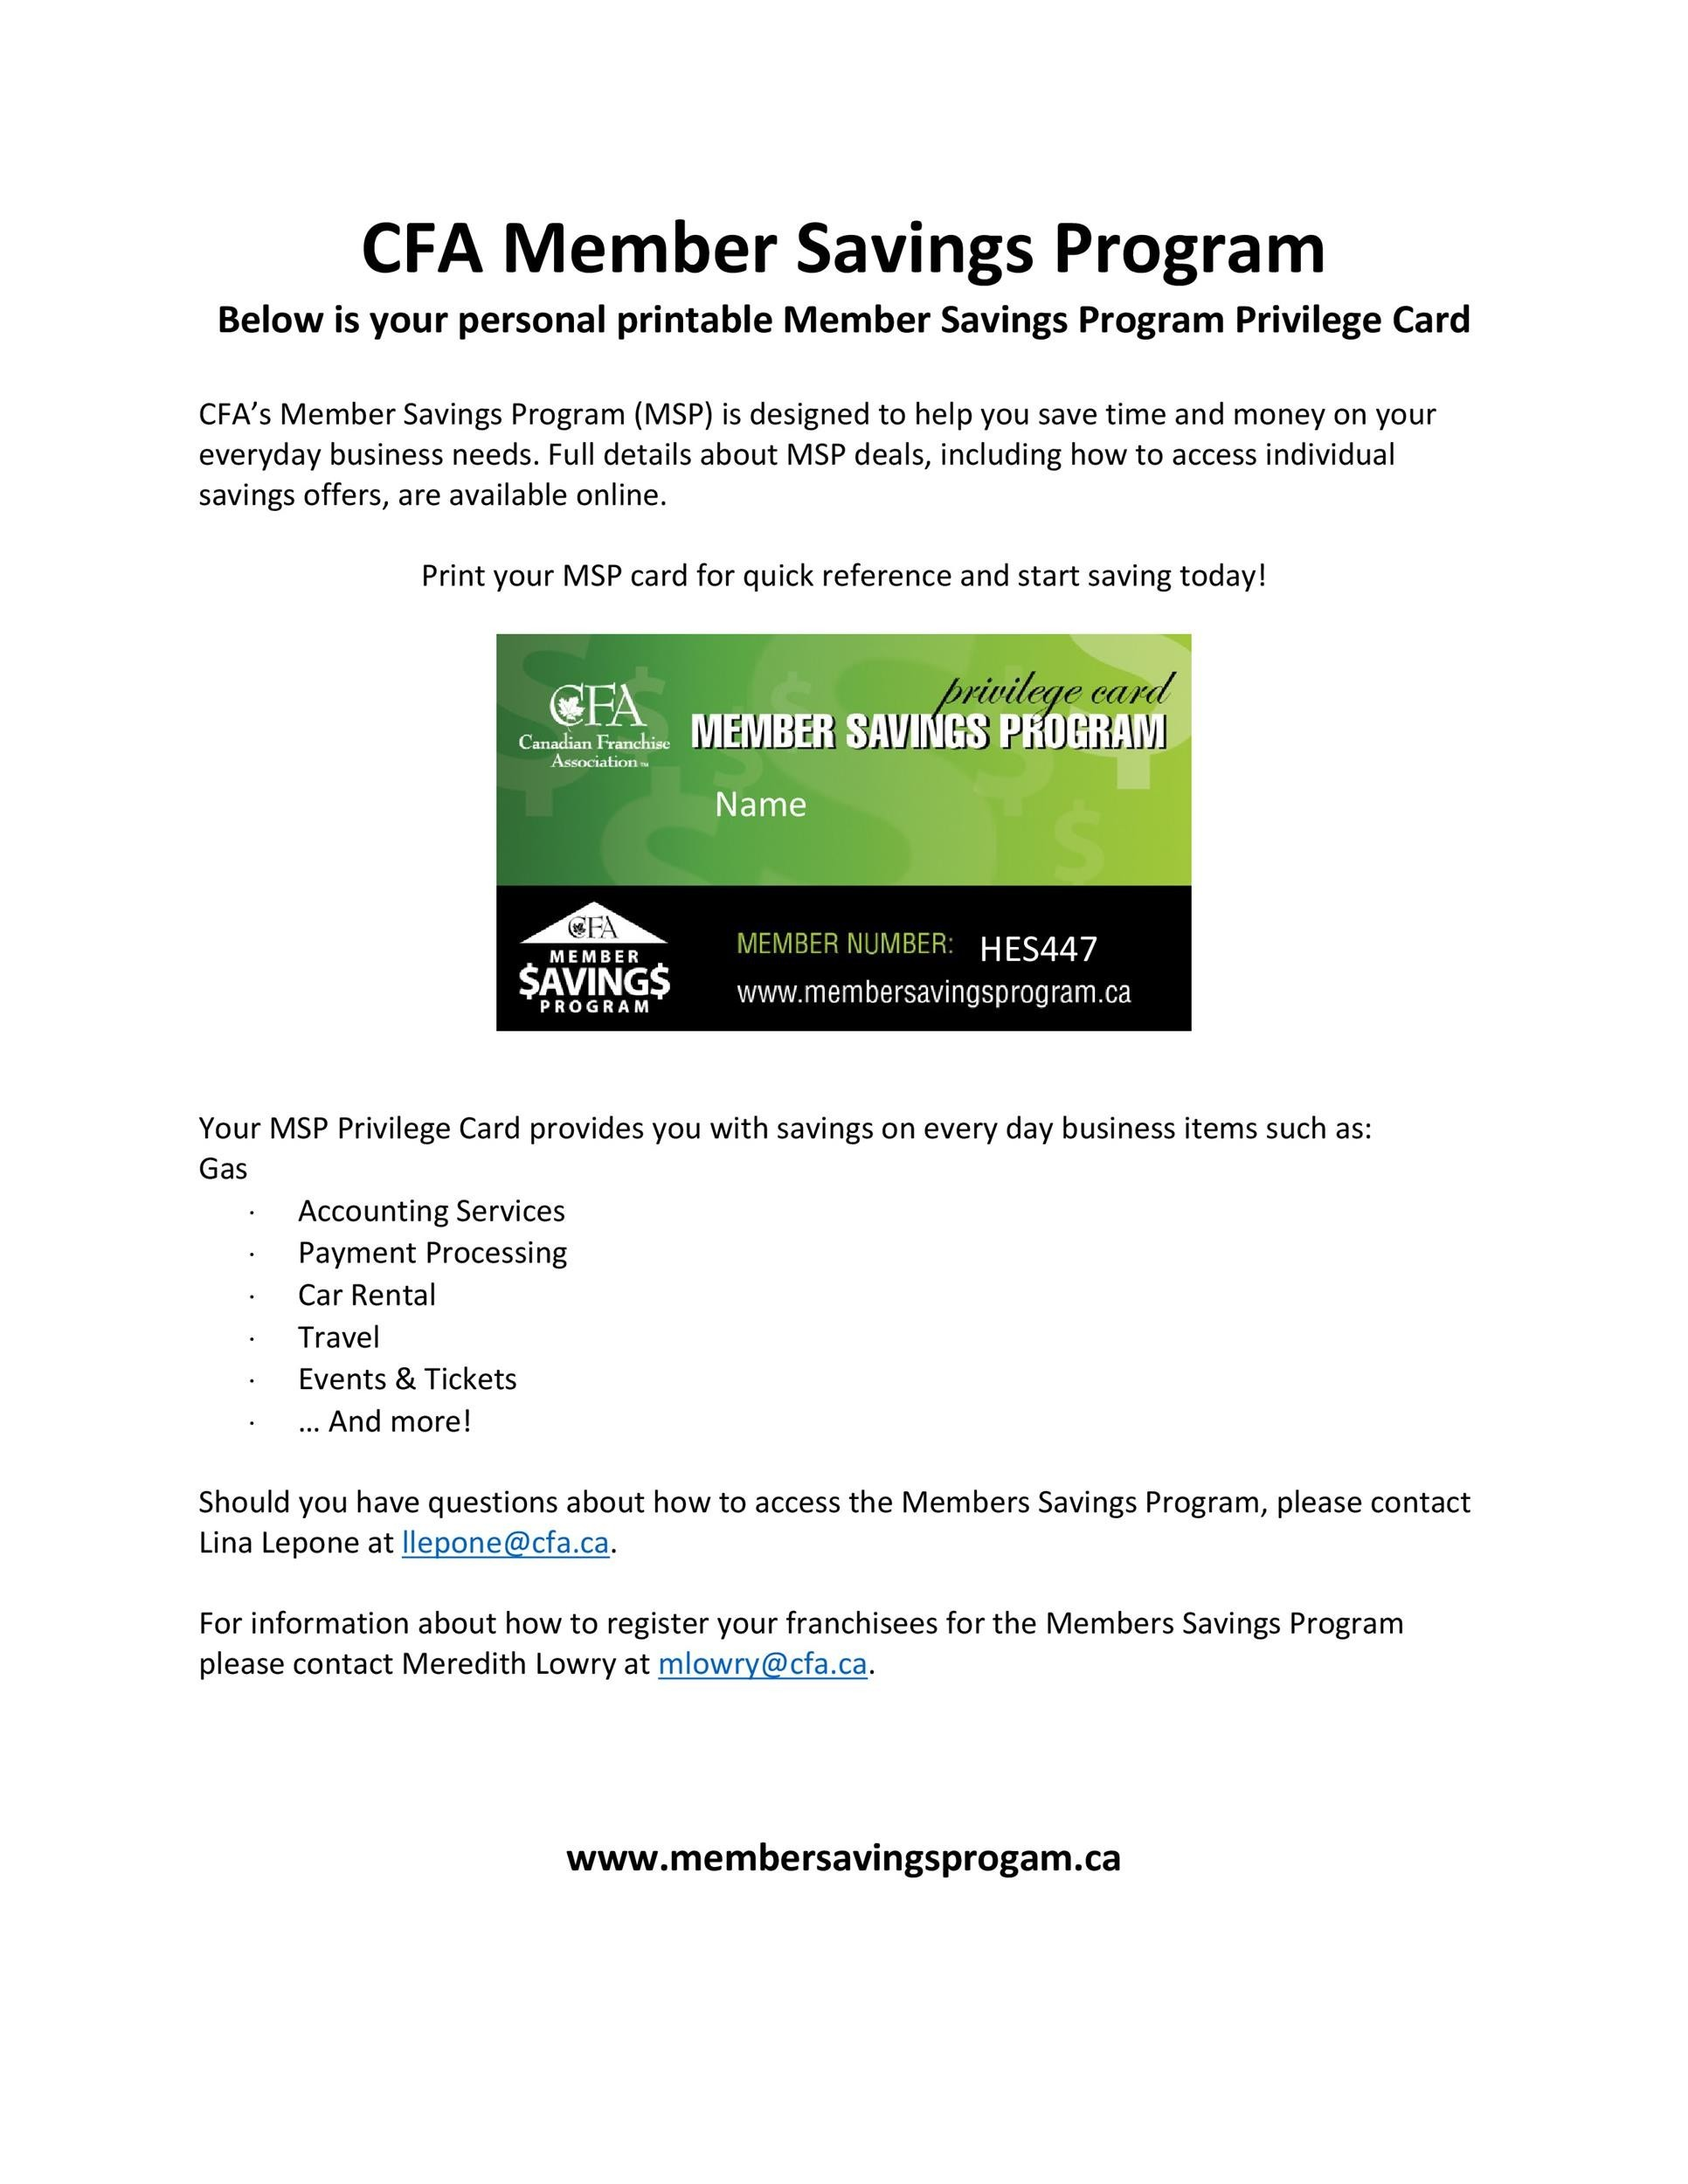 Free Membership Card Design Template 16